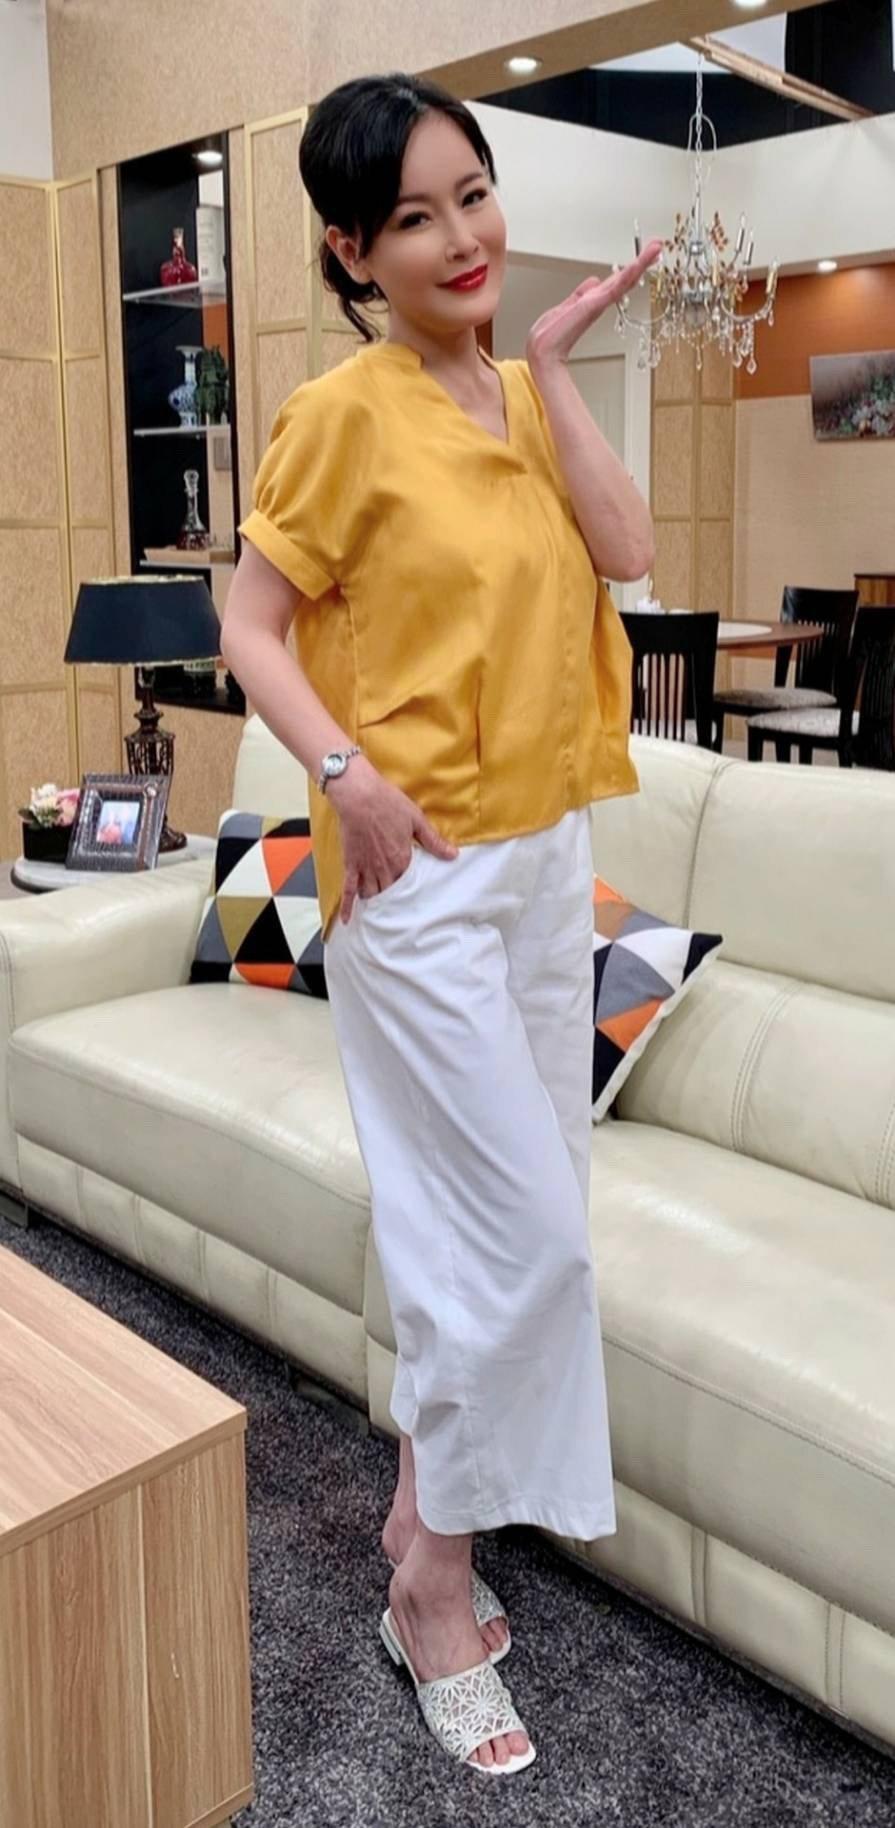 岳虹演出「黃金歲月」收到上千件衣服、首飾,開心省掉不少治裝費。圖/民視提供